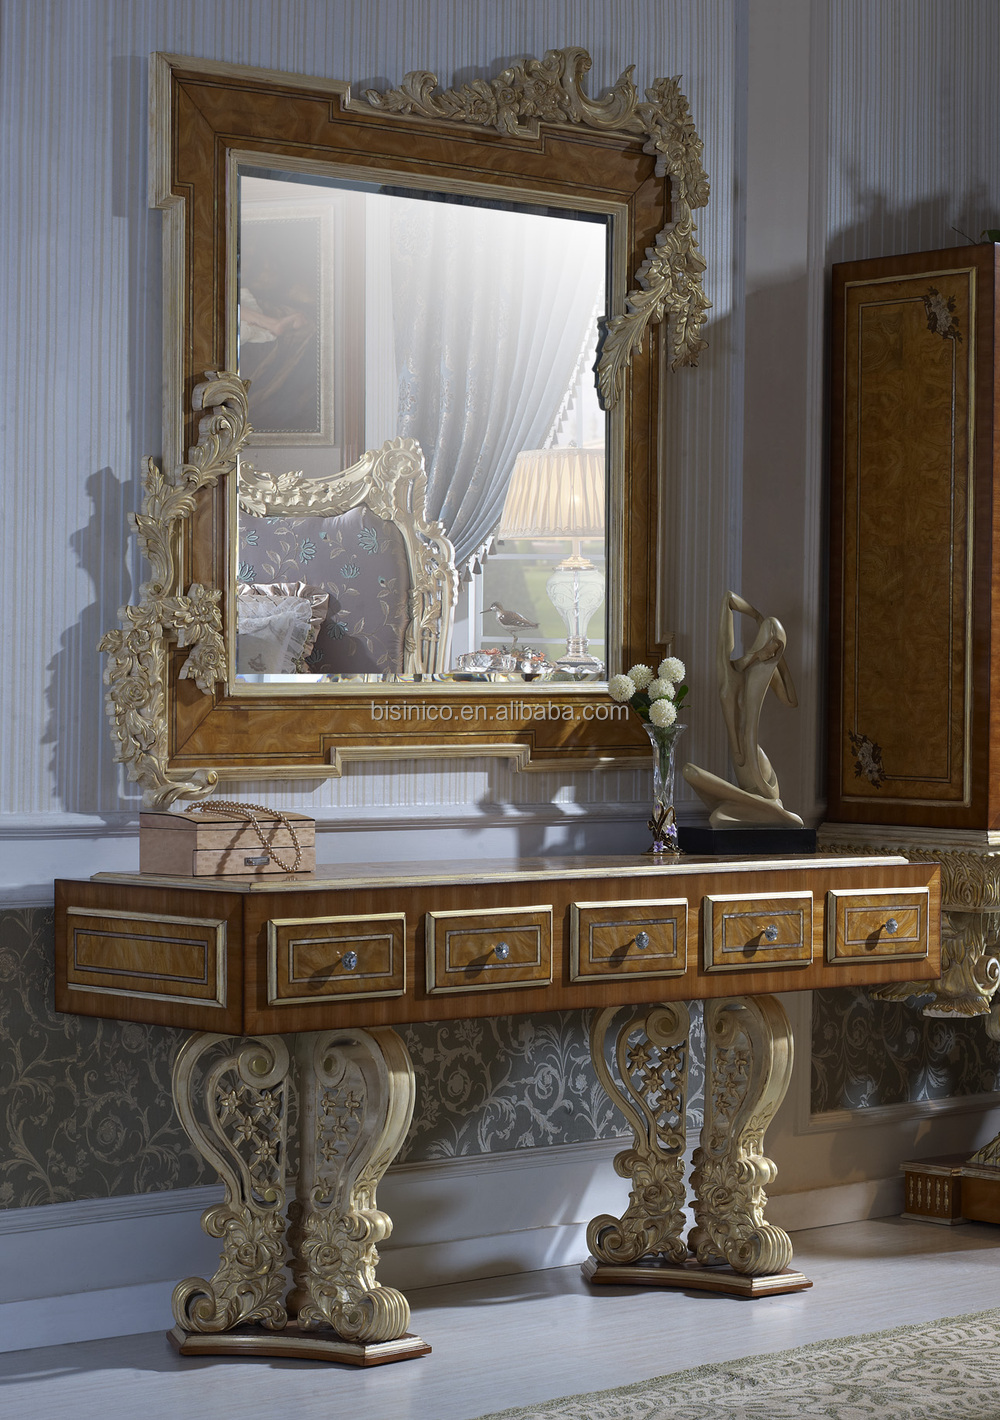 Bisini luxus holz runden esstisch luxus barock esszimmer for Esstisch barock holz